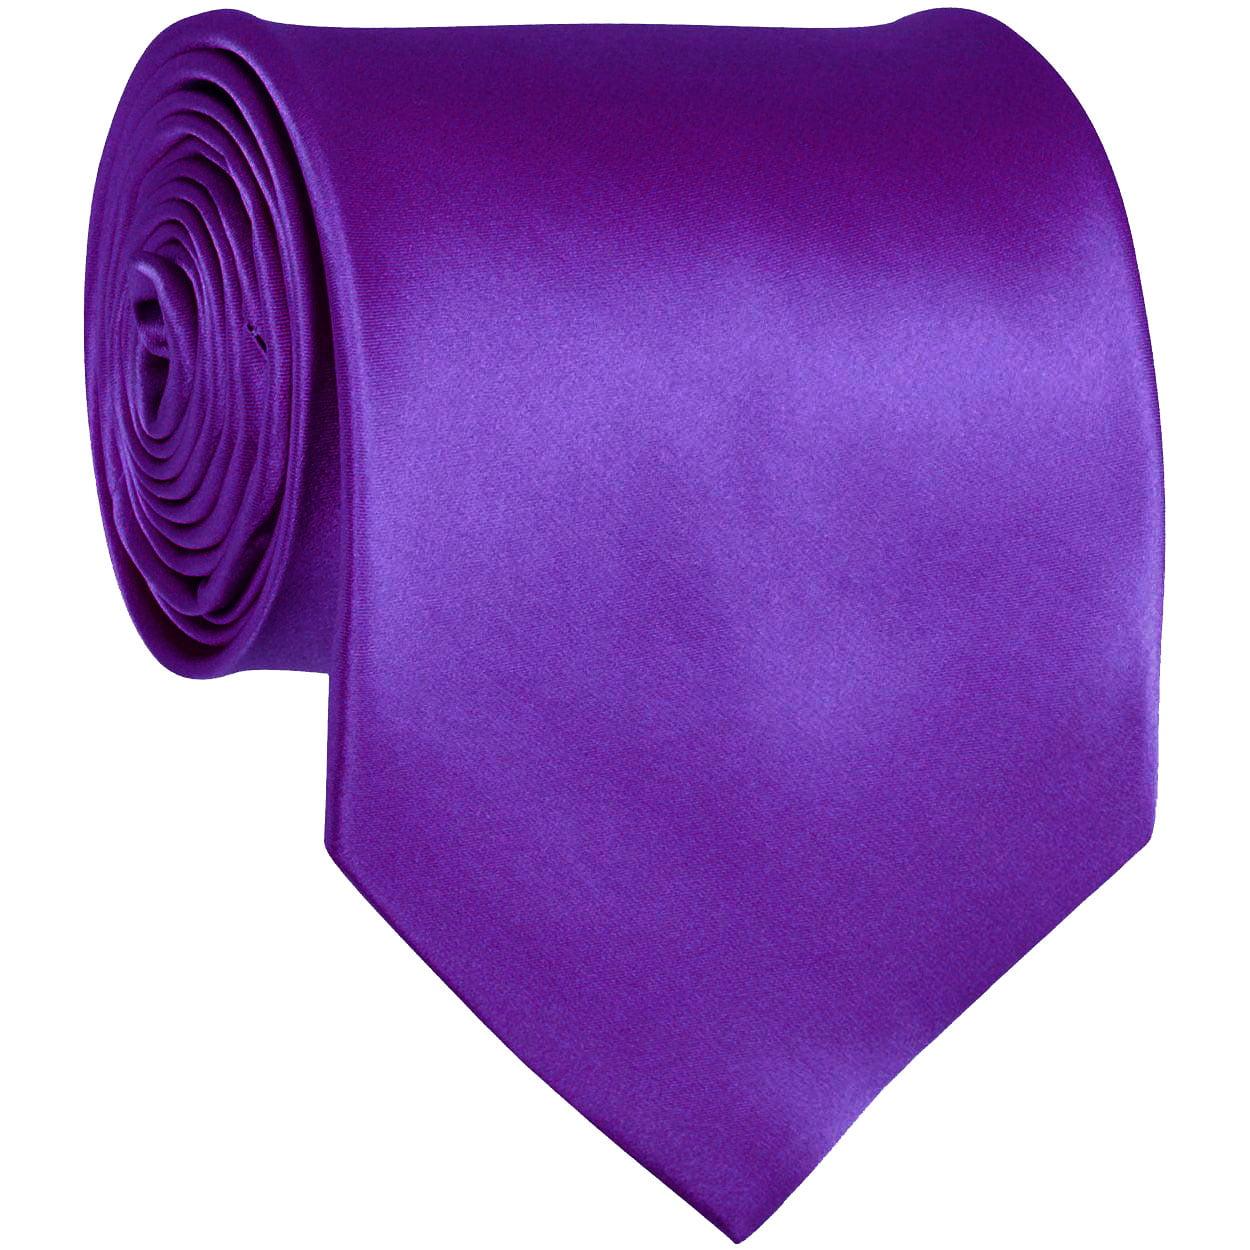 ADF-6 - Mens - Violet Purple - Solid Necktie